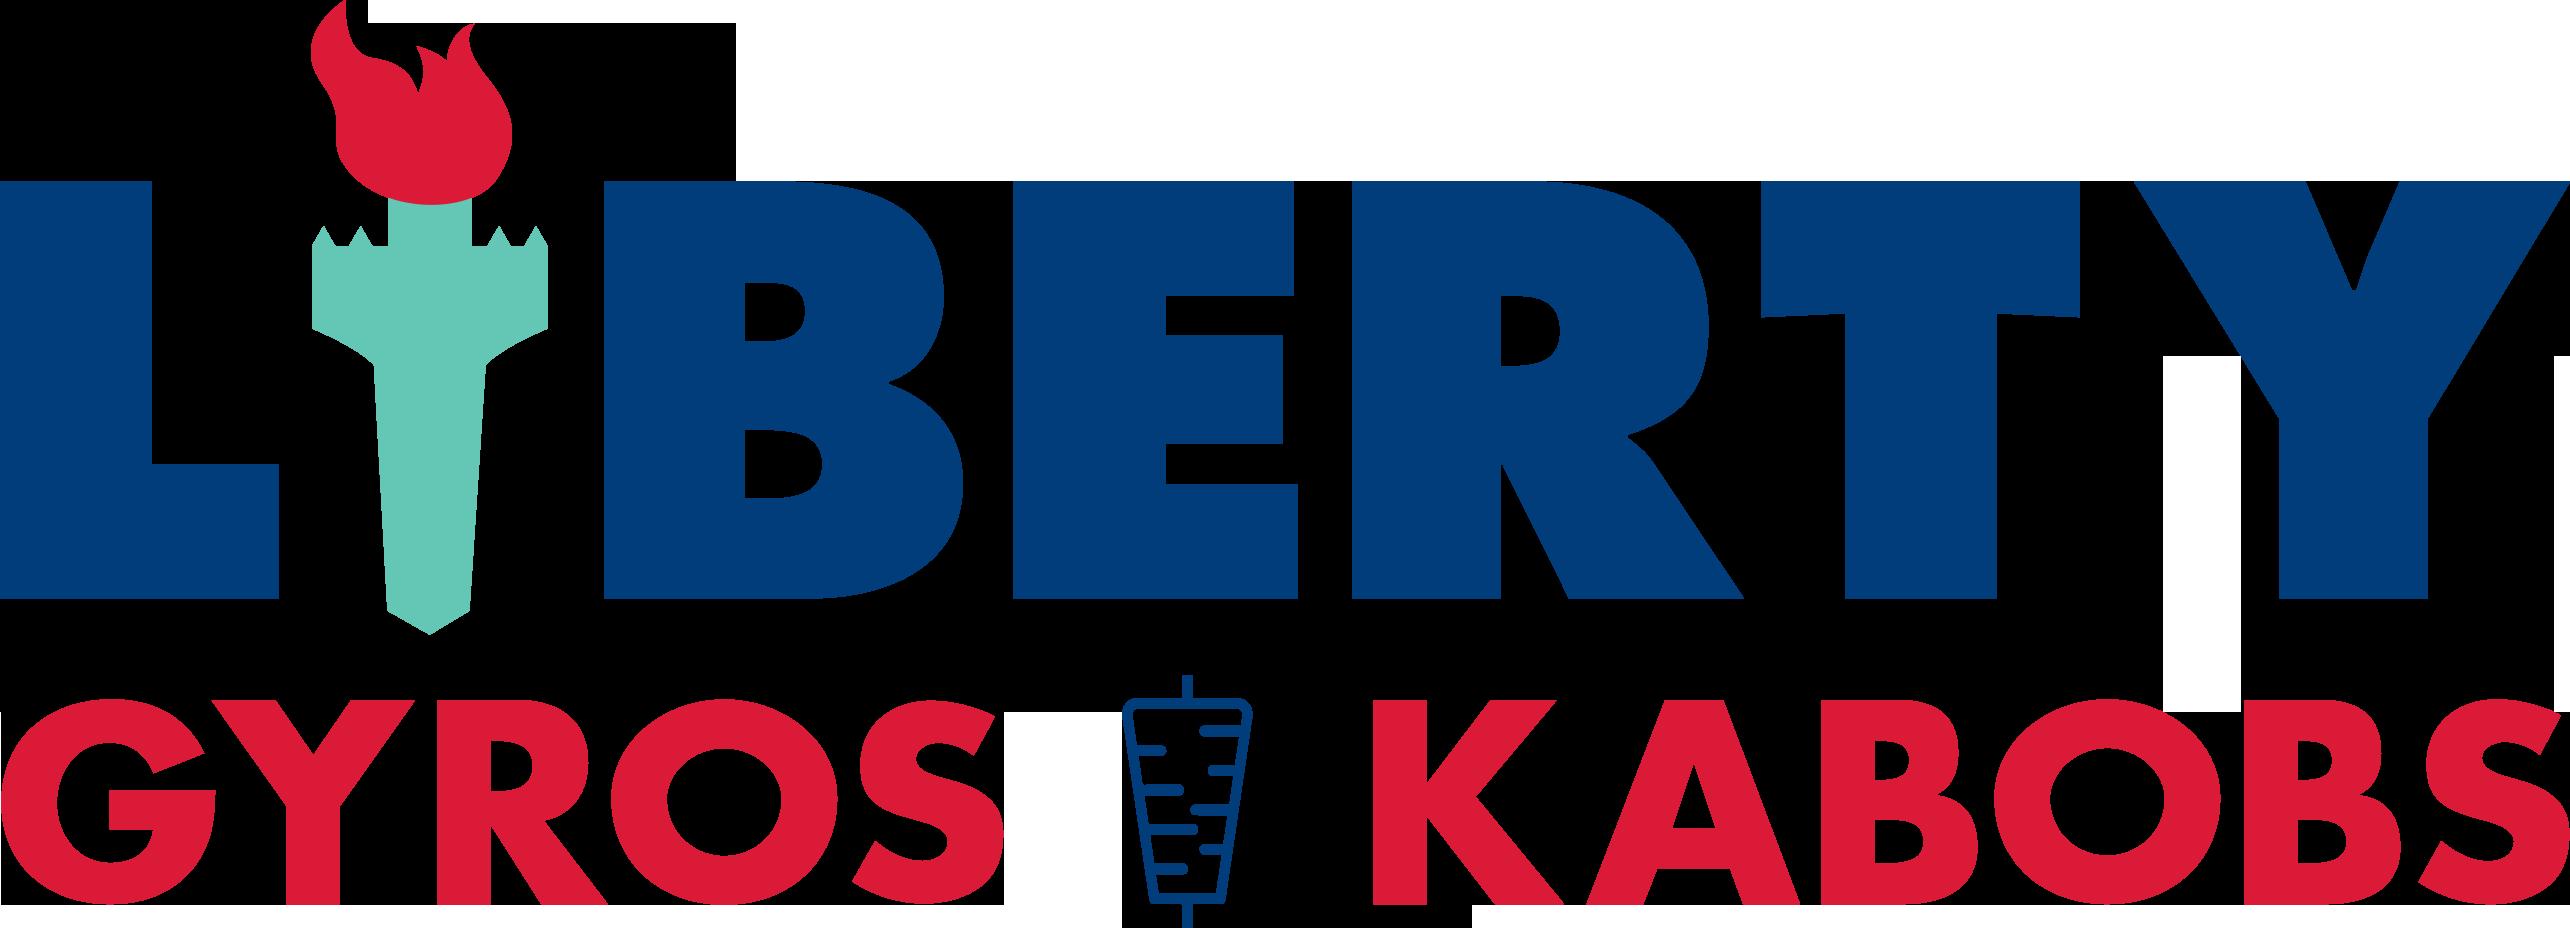 Liberty Gyro's & Kabobs